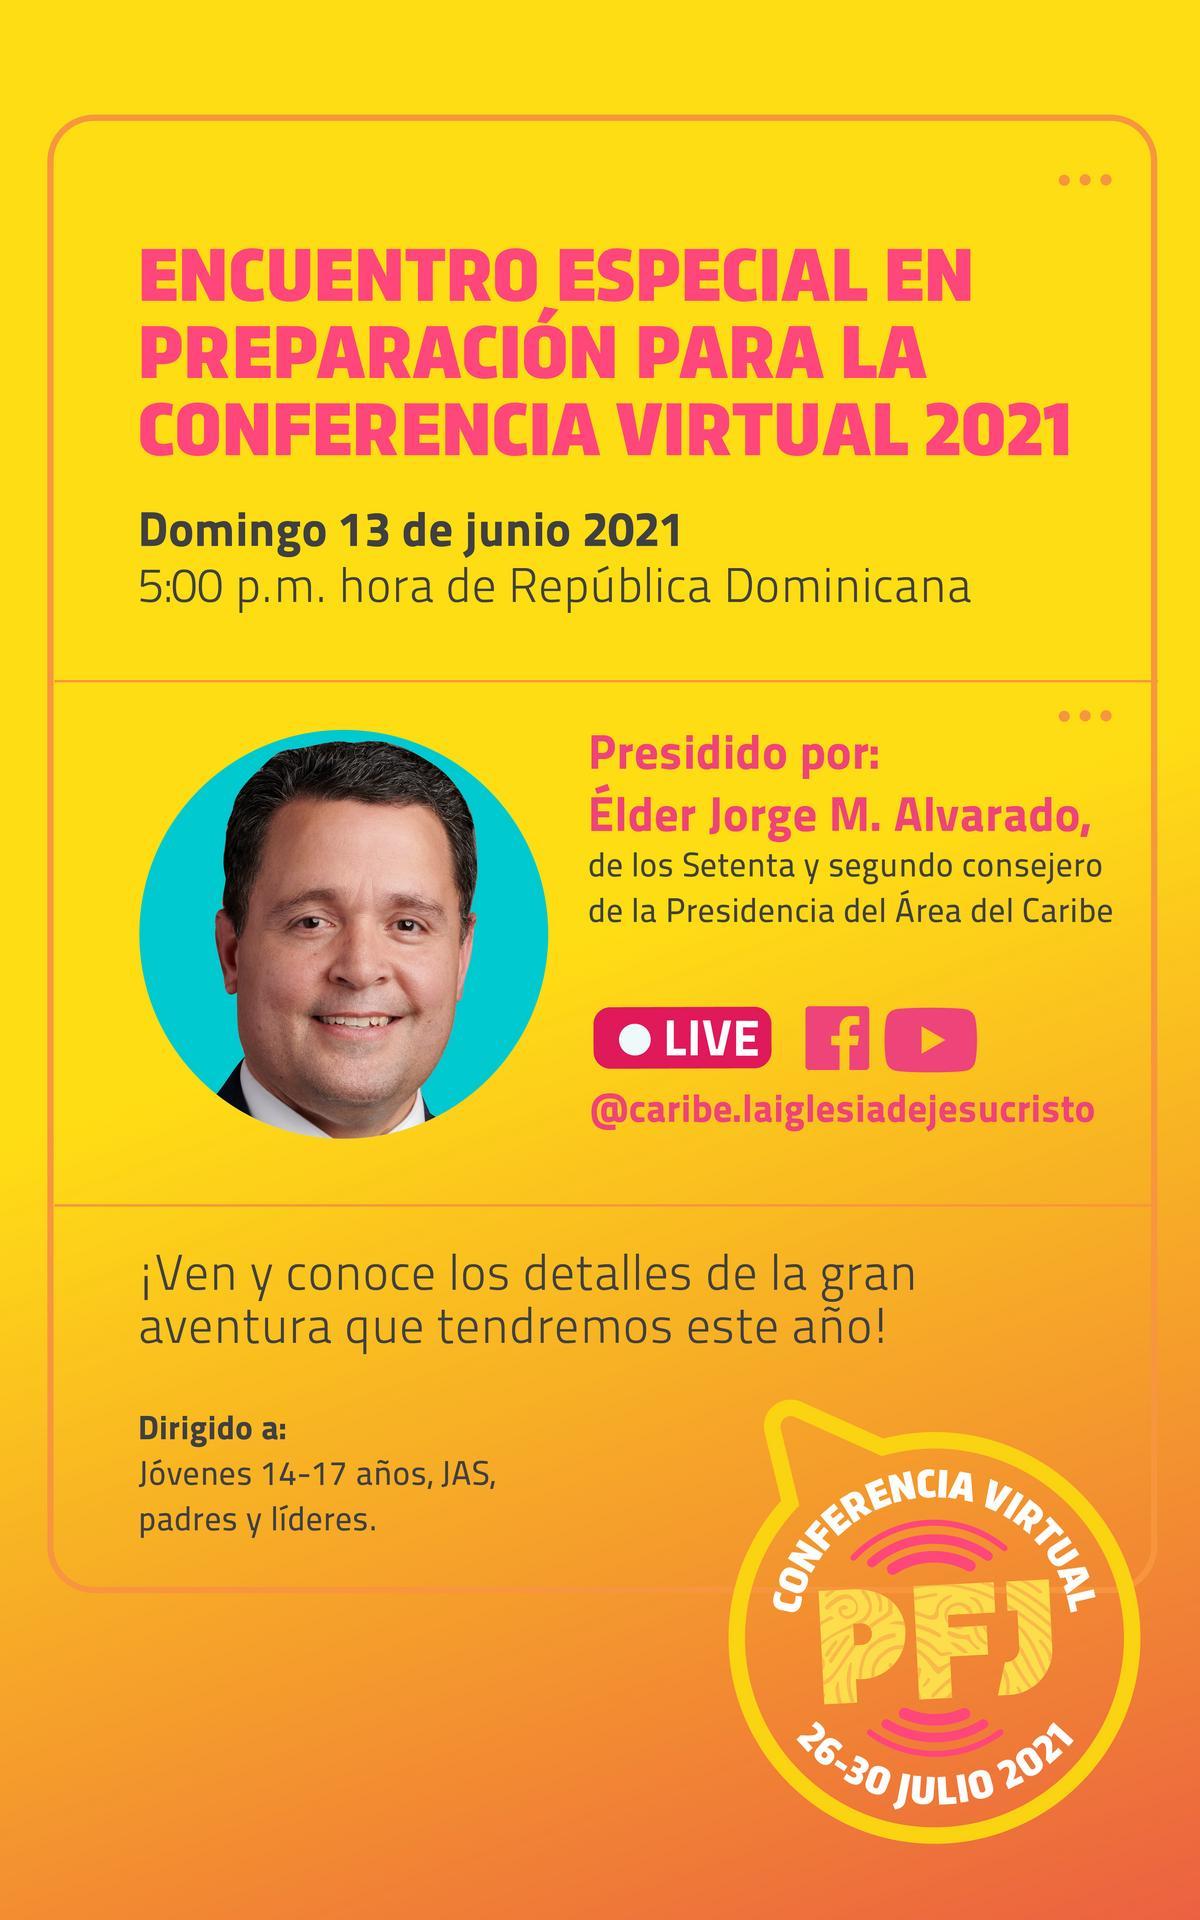 Encuentro especial en preparación para la conferencia virtual 2021